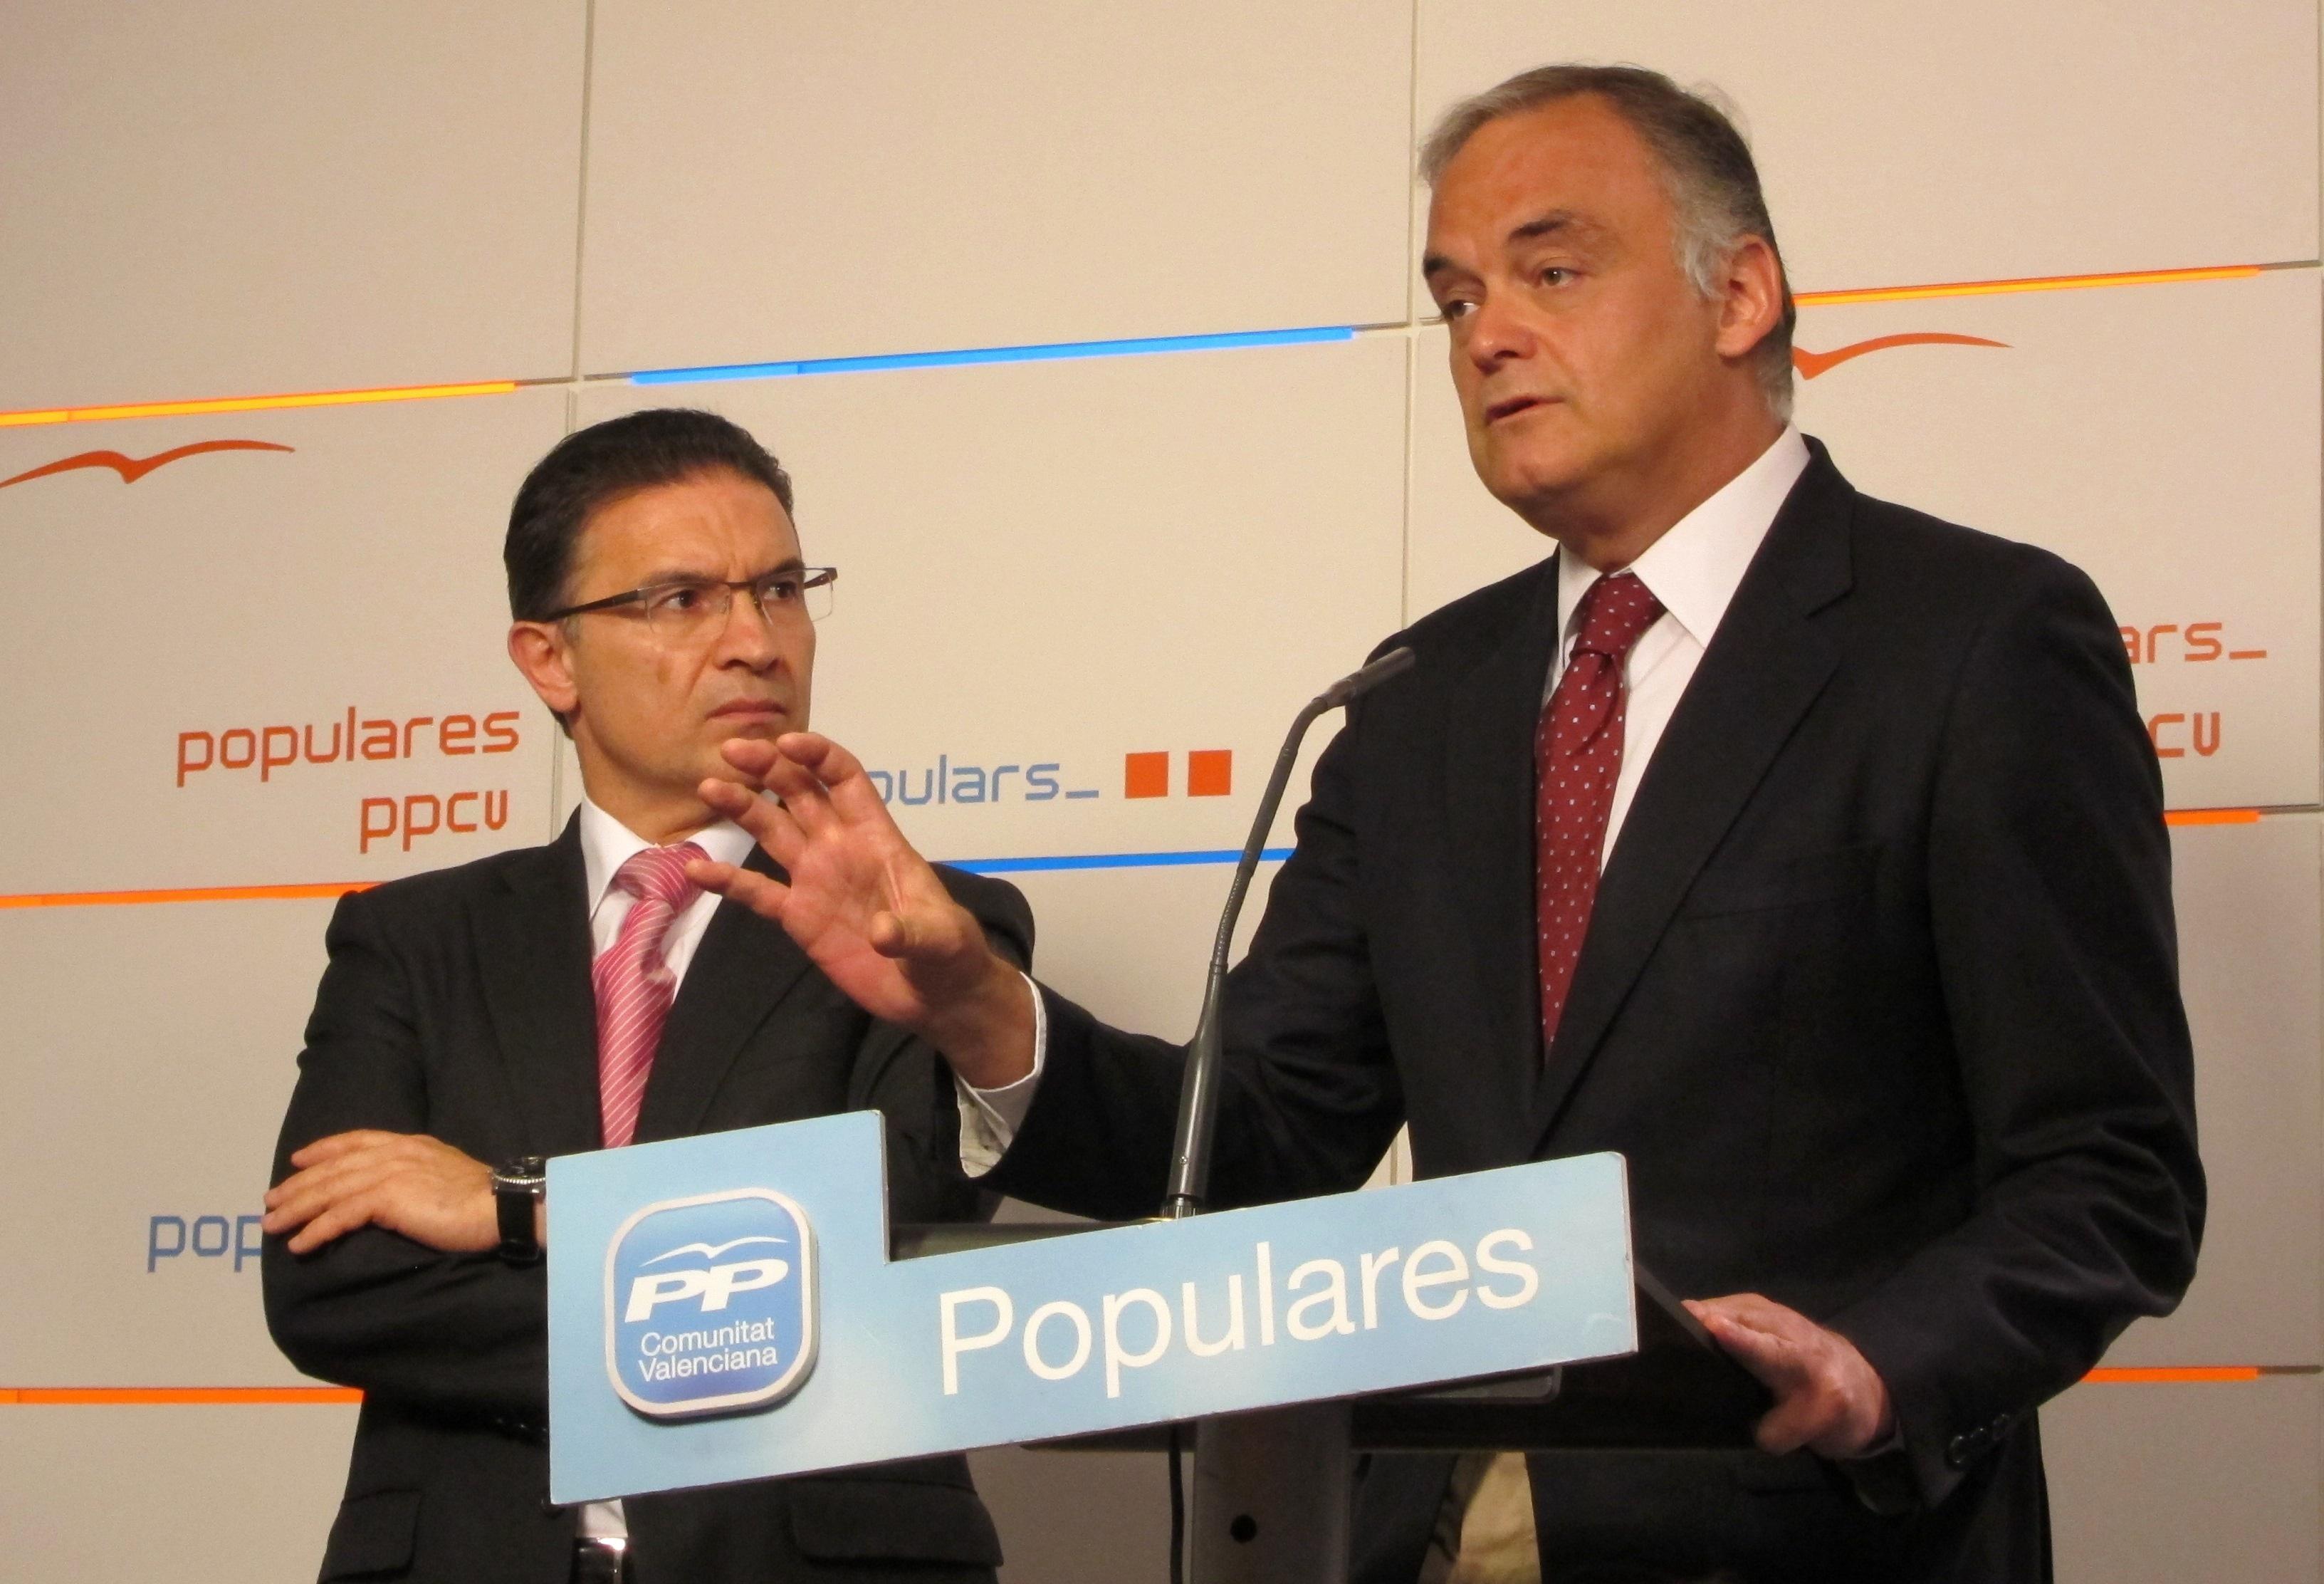 Pons dice que quienes cometan la «estupidez» de fotografiarse con gestos nazis o fascistas «no merecen pertenecer al PP»